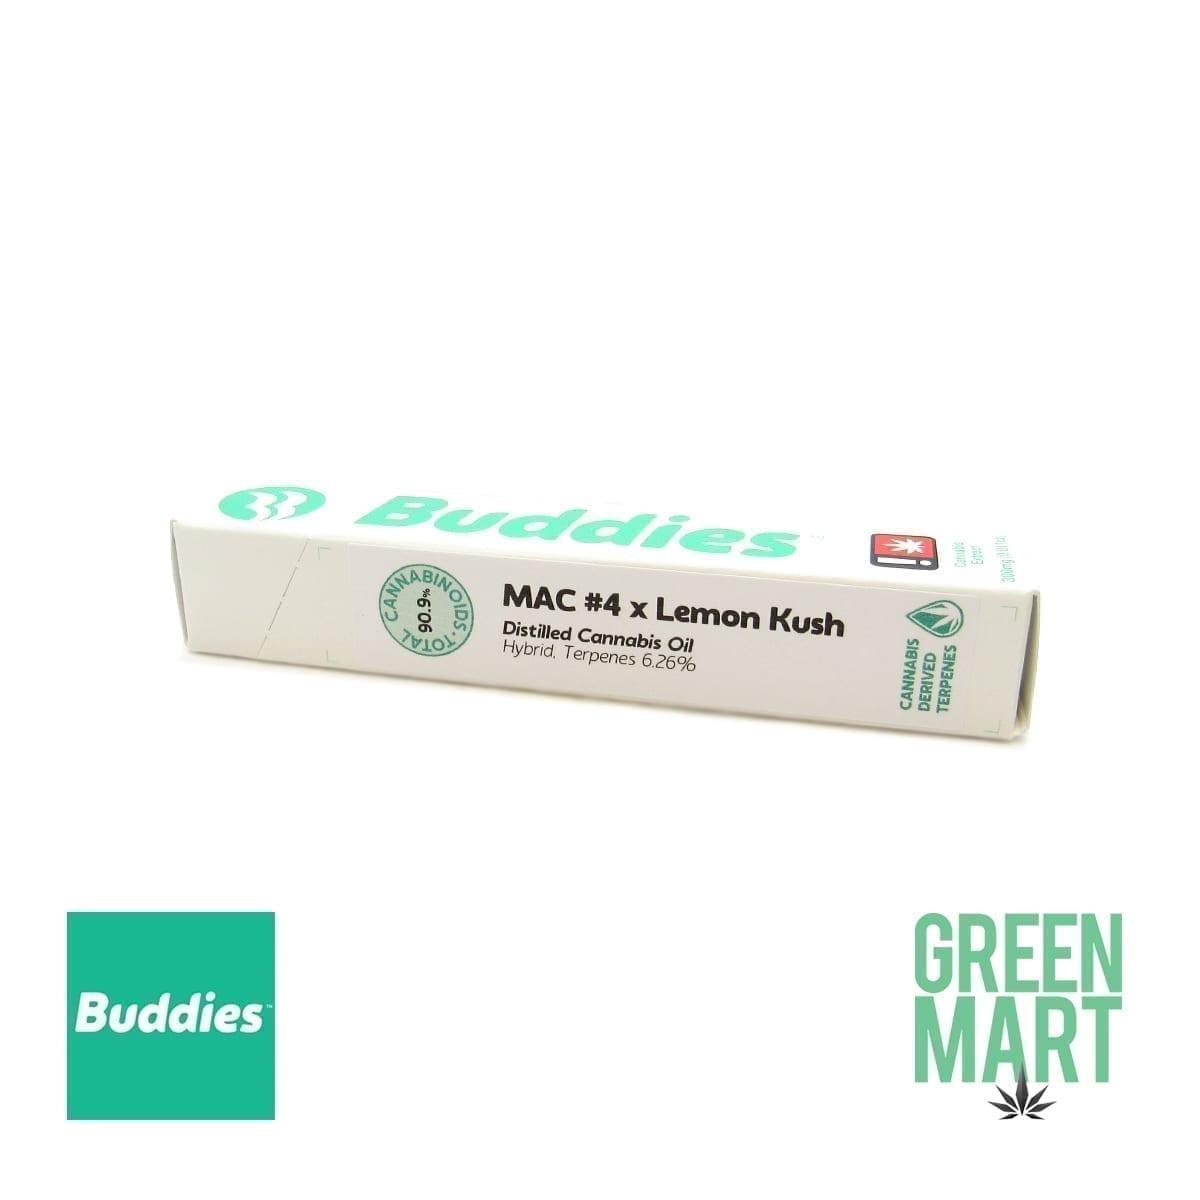 Buddies Brand Disposable Vape - MAC #4 X Lemon Kush